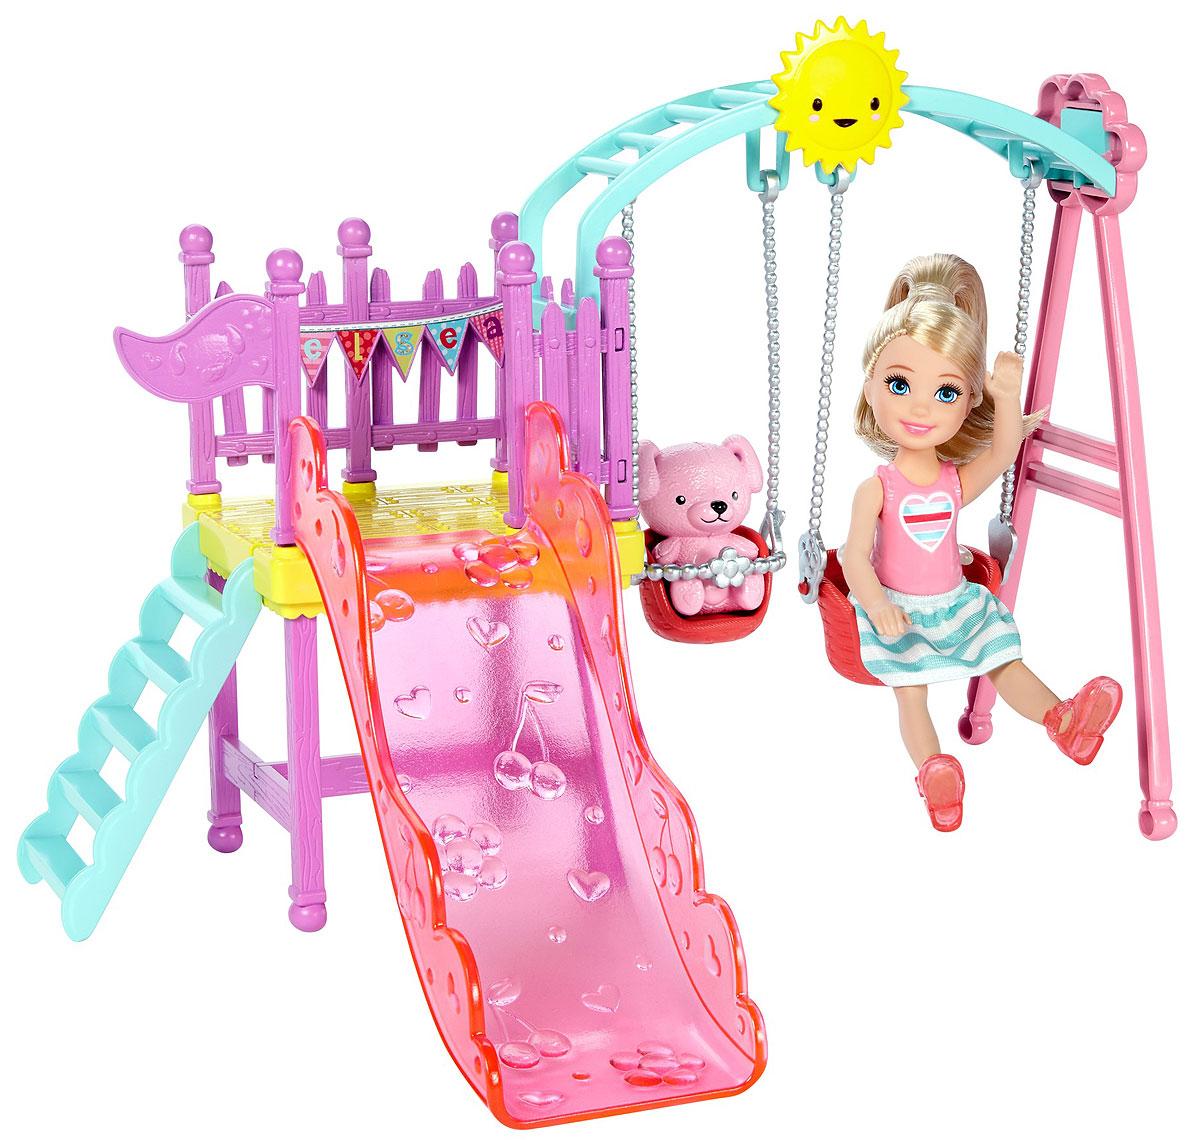 Barbie Игровой набор с мини-куклой Качели товары для минисада bloomits качели для мини сада